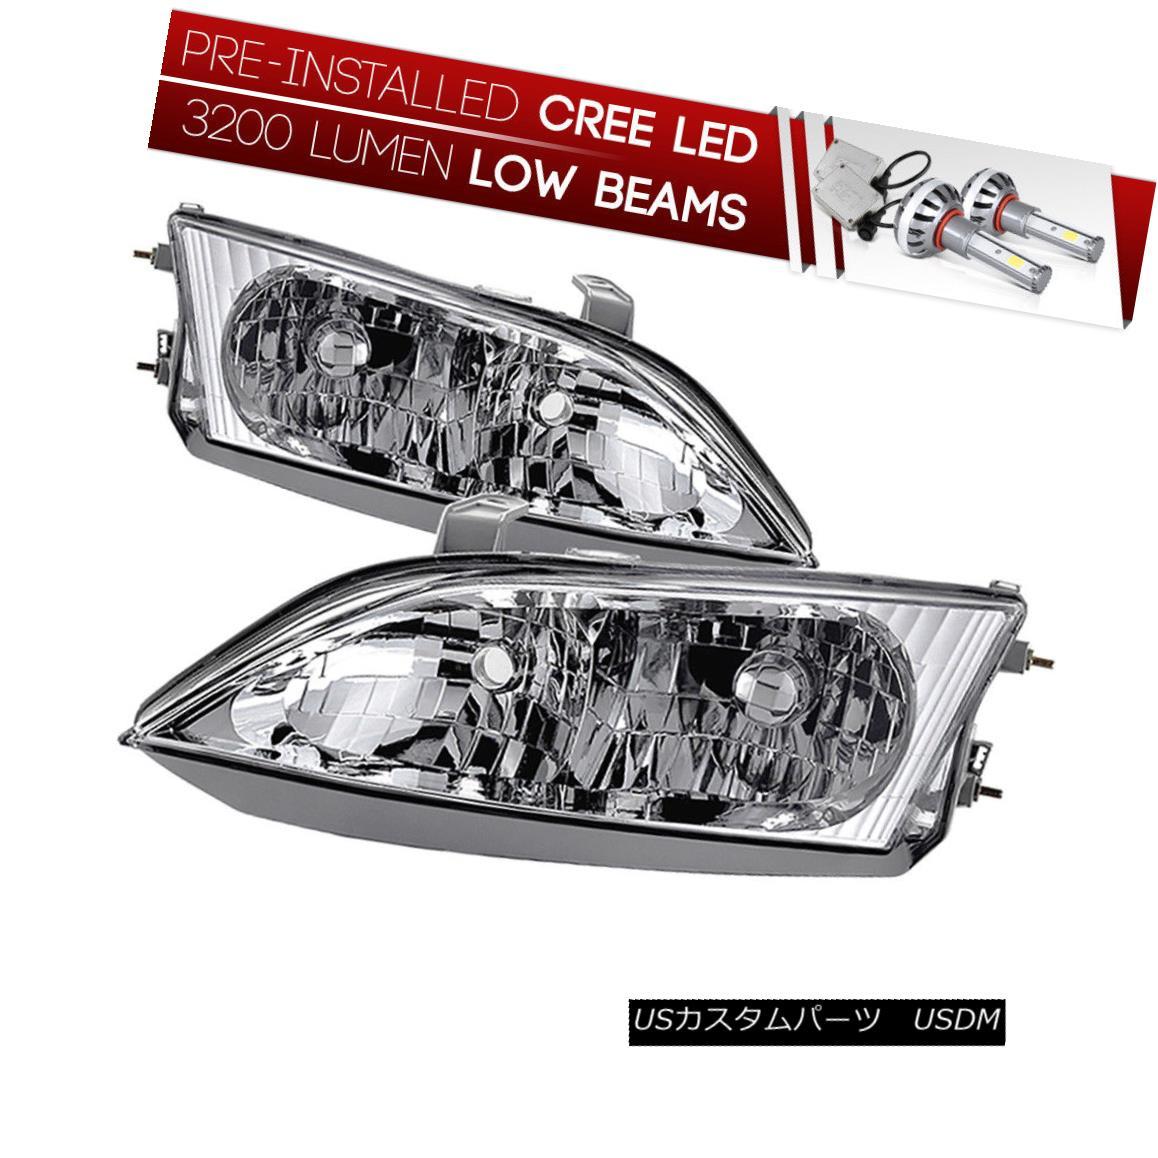 ヘッドライト [CREE LED Bulb Installed]97-98 Lexus ES Factory Style Replacement Headlight Lamp [CREE LED Bulbをインストール] 97-9  8 Lexus ES工場スタイルの交換ヘッドライトランプ